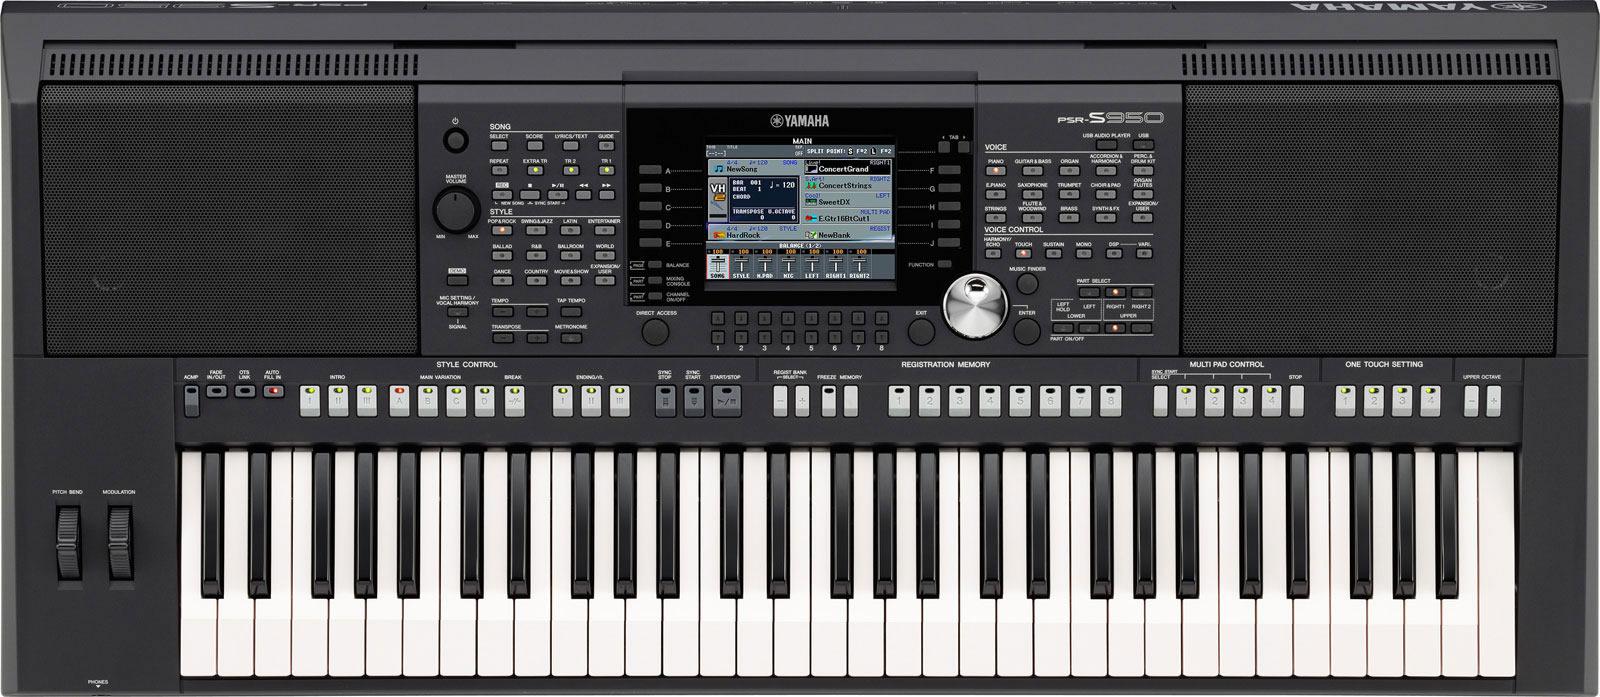 Giá đàn organ yamaha psr s950 cũ